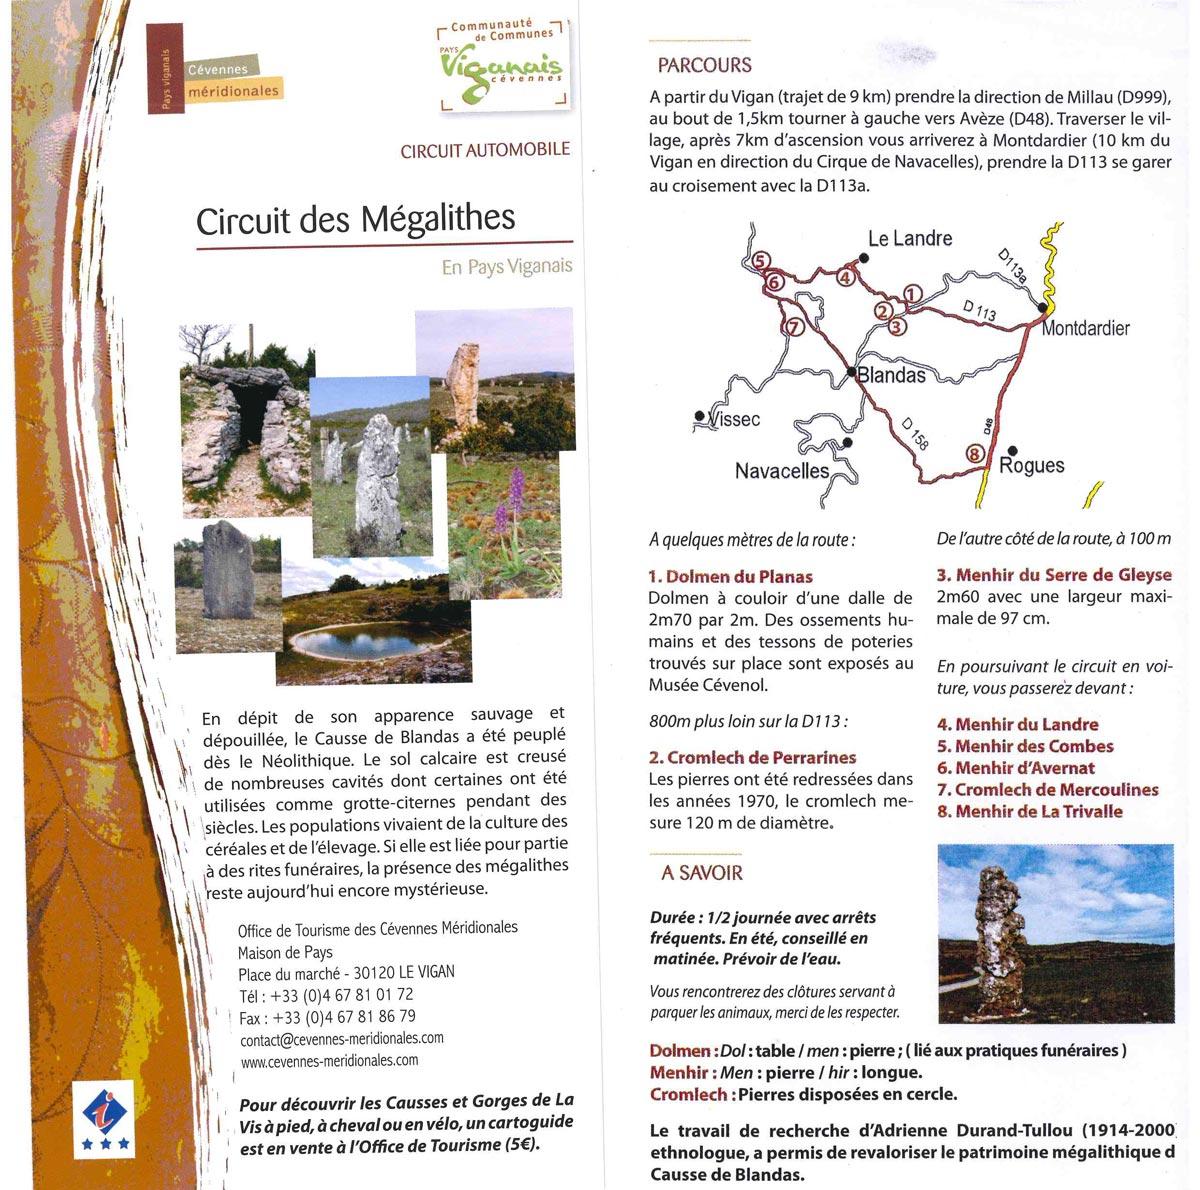 Circuit automobile découverte des Mégalithes